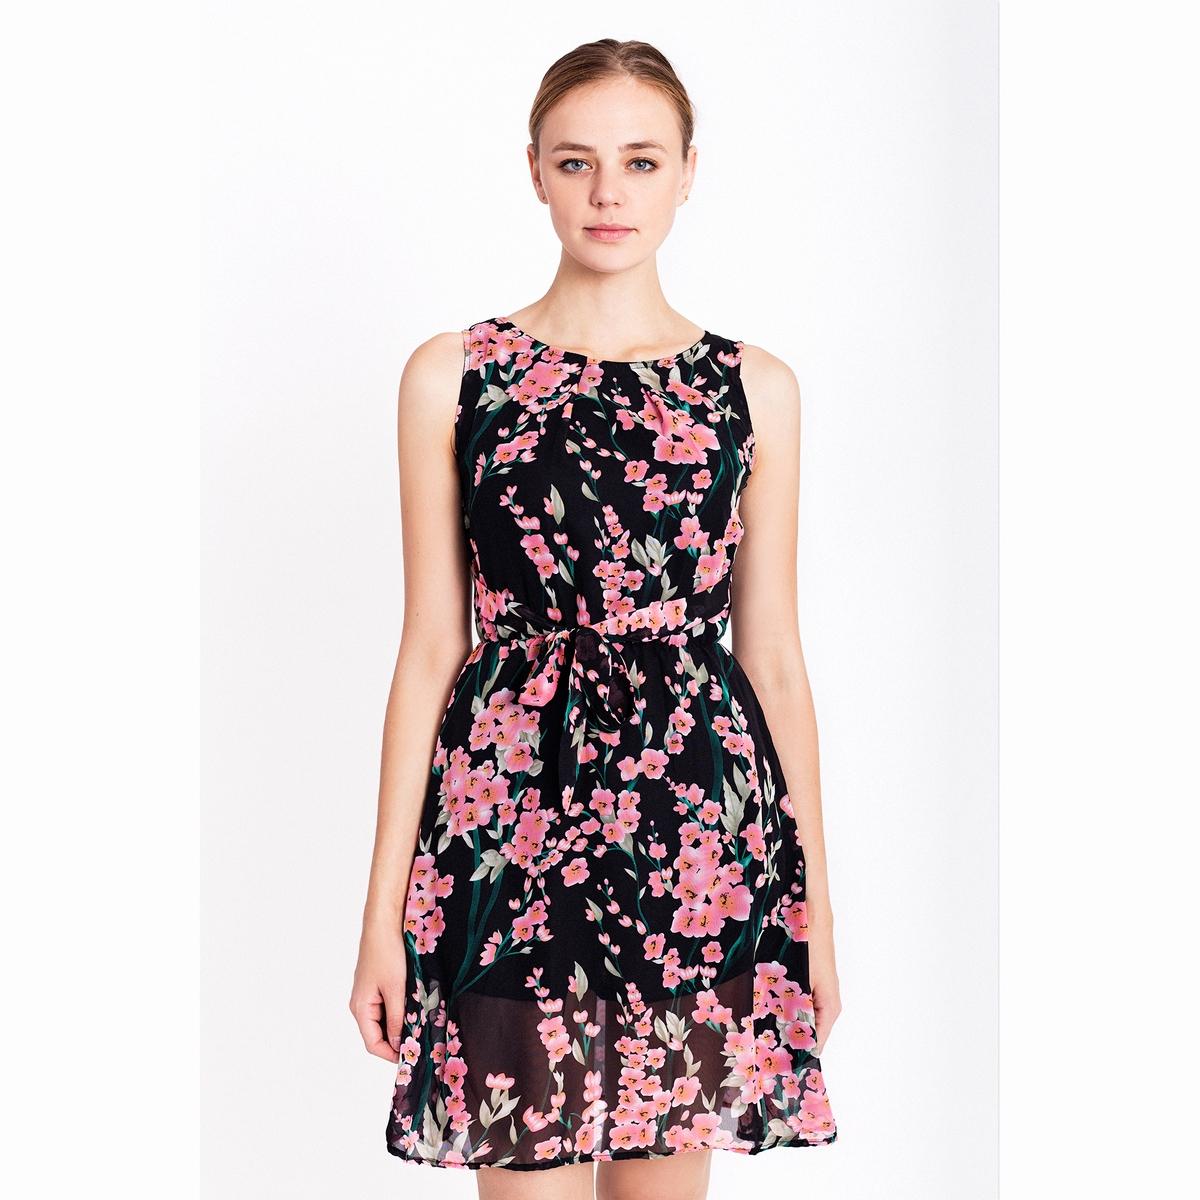 Платье из вуали с цветочным рисунком.Состав и описаниеМатериалы: 100% полиэстер.Марка: Migle+MeУходСледуйте рекомендациям по уходу, указанным на этикетке изделия.<br><br>Цвет: черный наб. рисунок